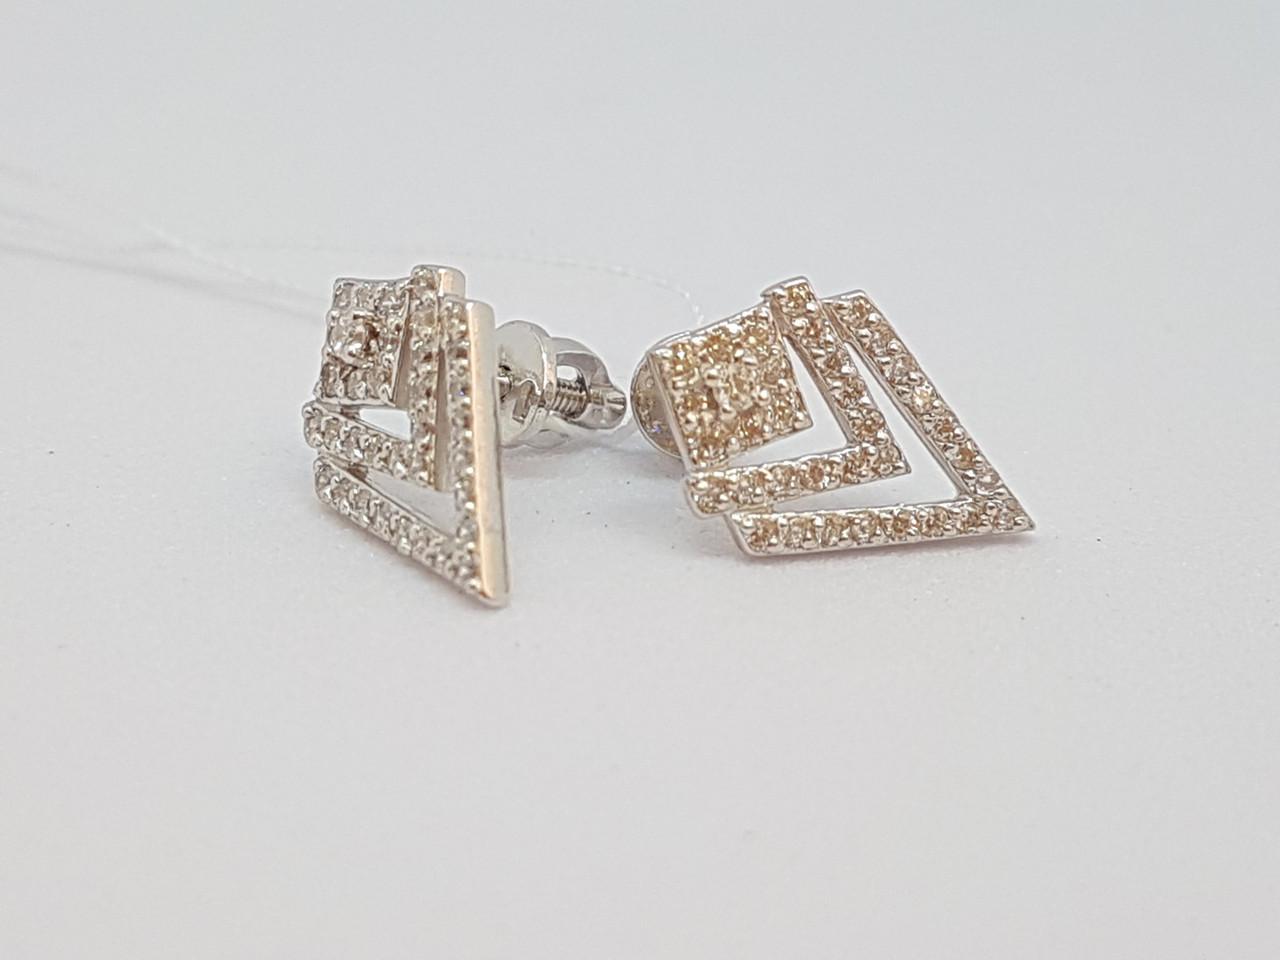 Серебряные пуссеты с фианитами. Артикул 500296-СПР